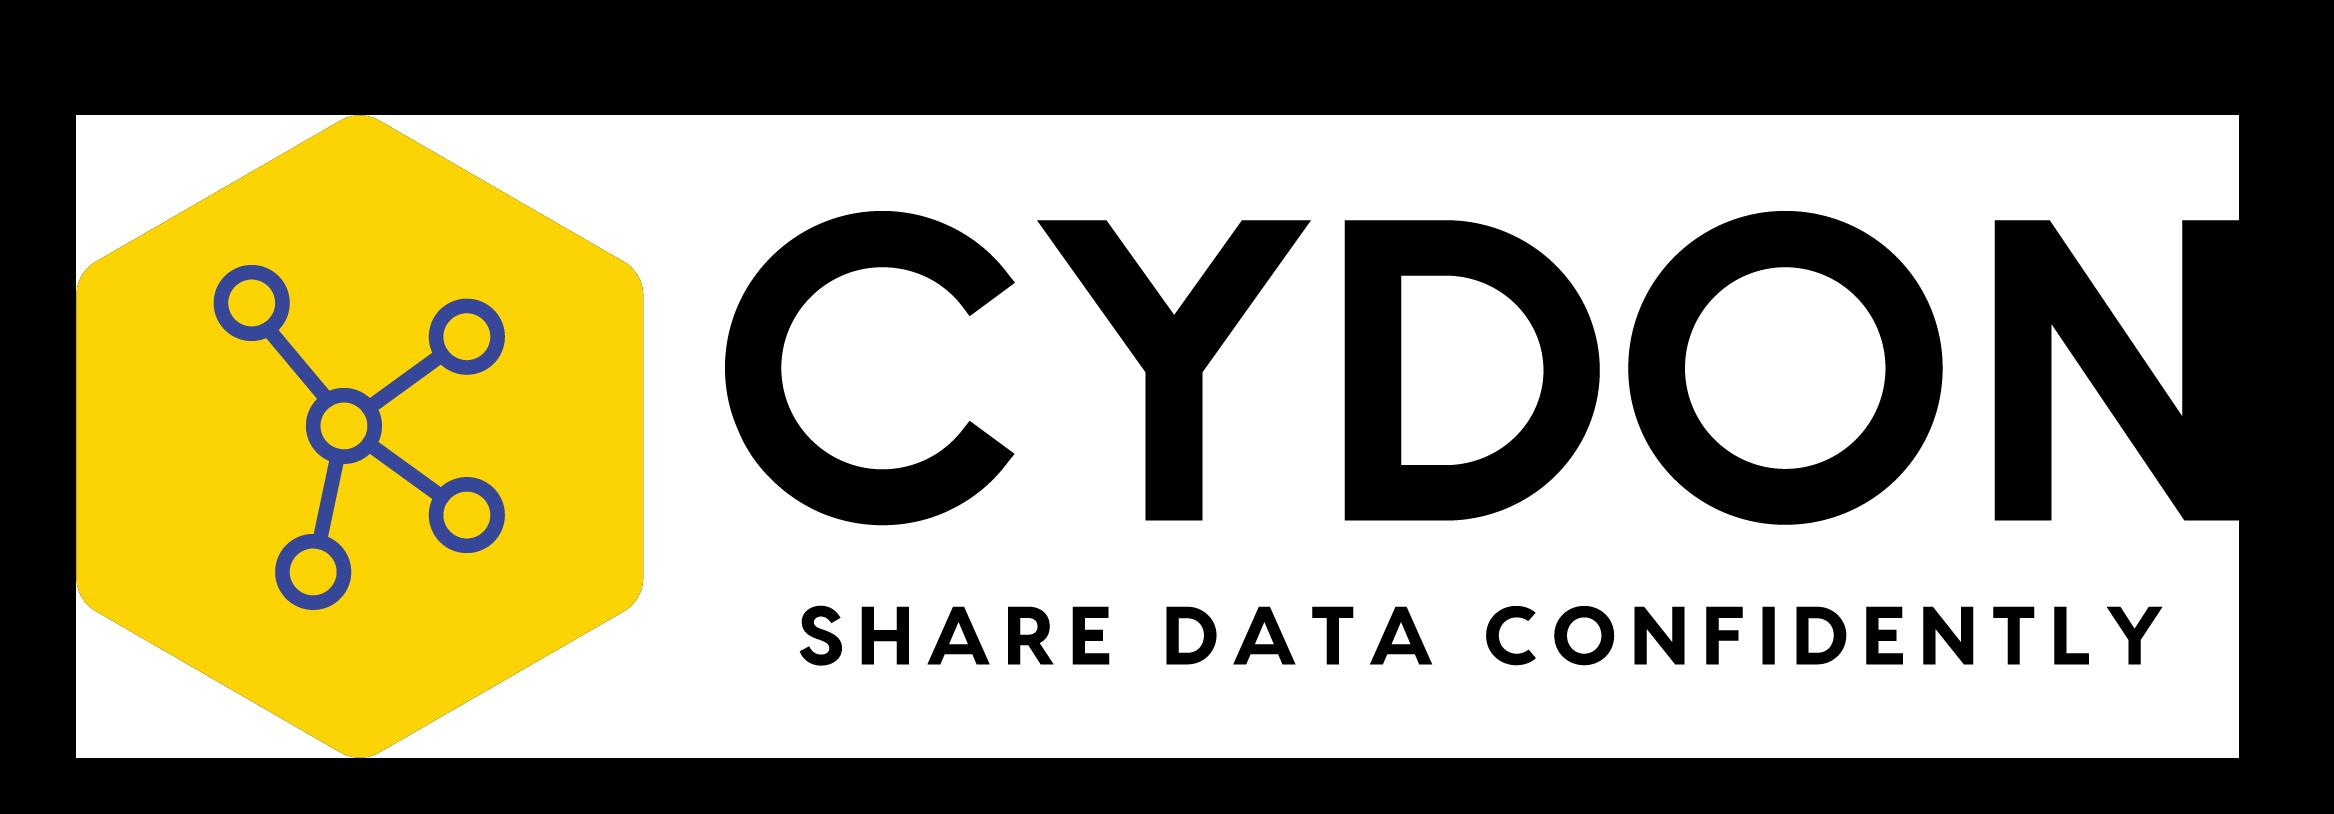 Cydon - NO Background